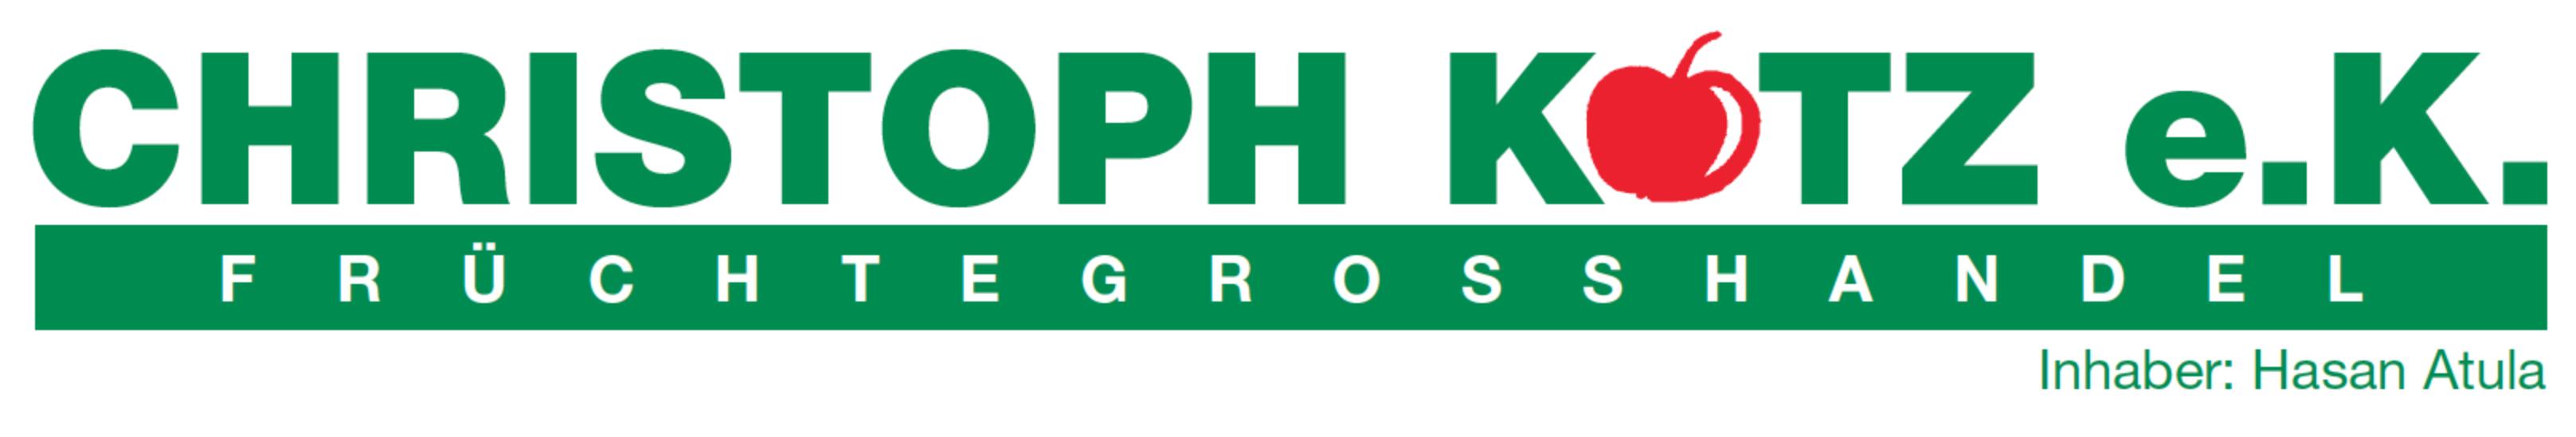 Christoph Kotz e.K. Früchtegrosshandel